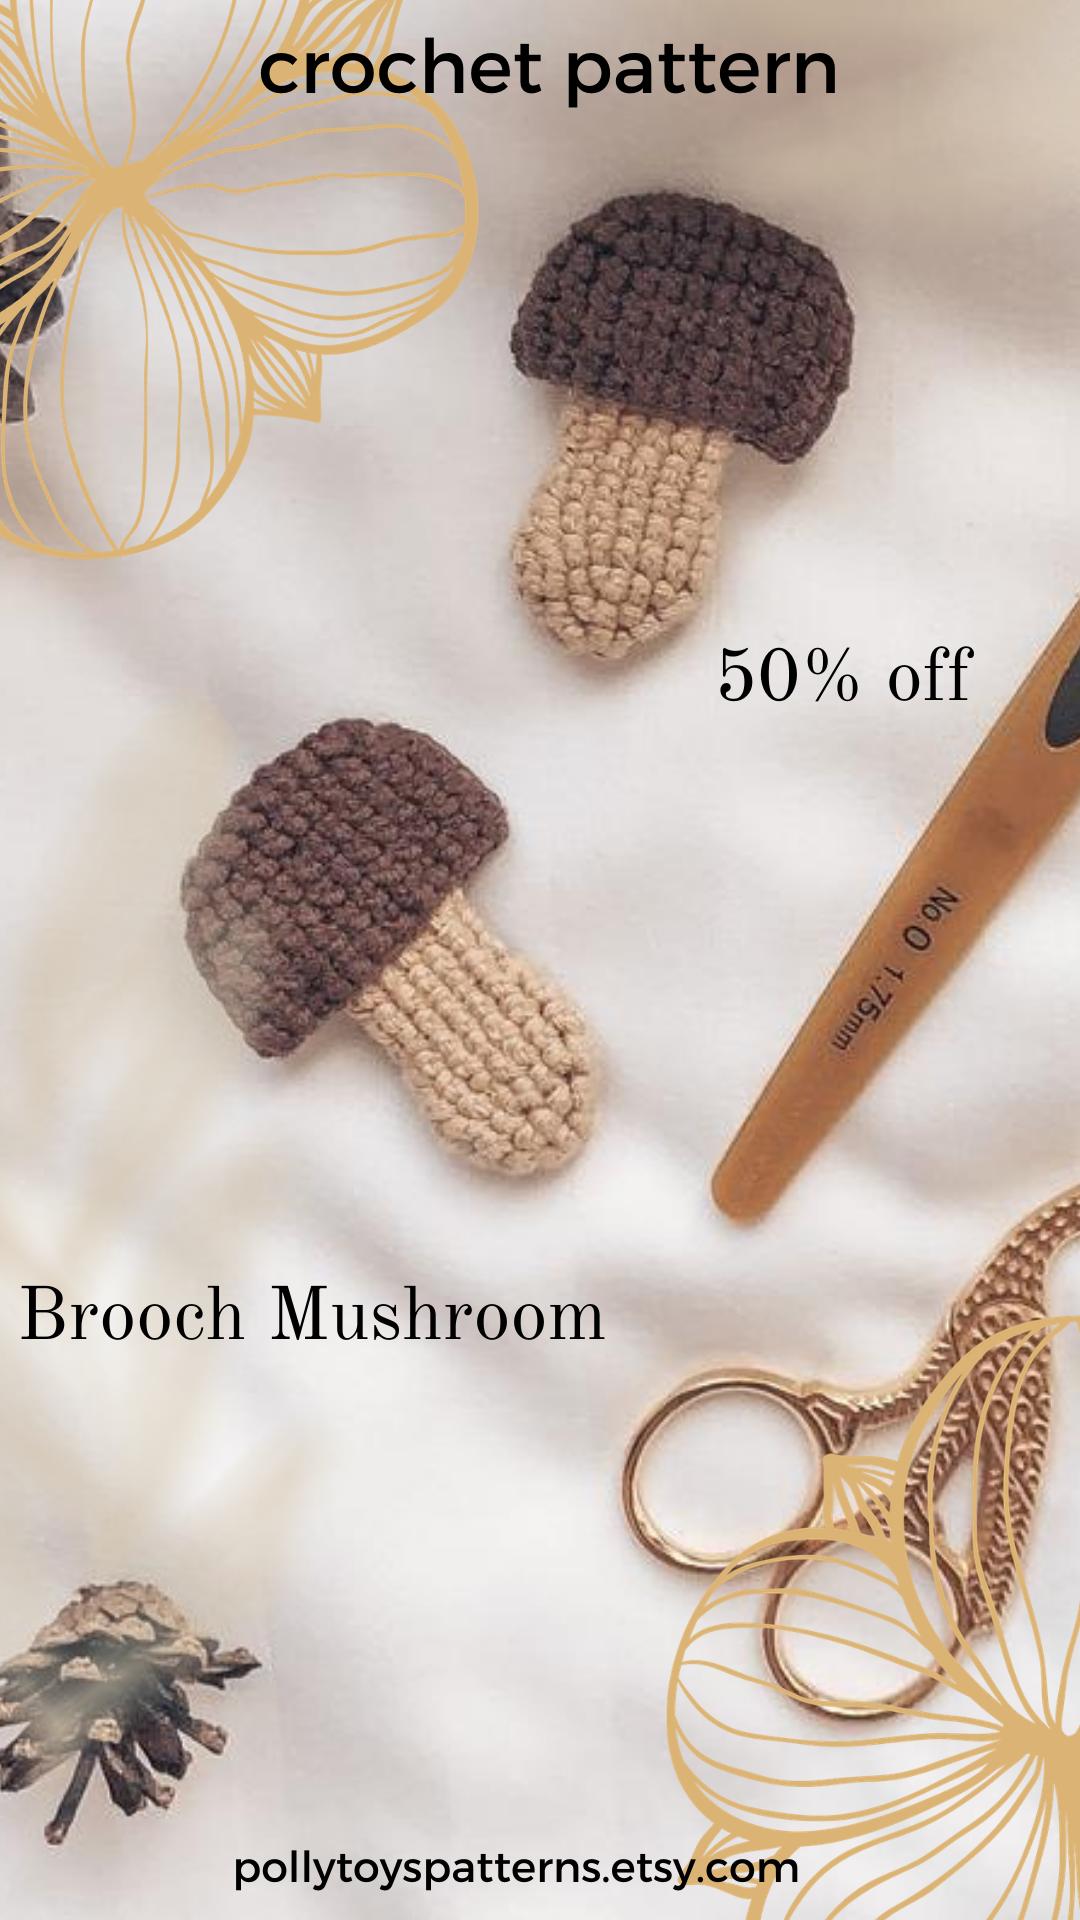 Crochet PATTERN Brooch Mushroom Crochet brooch pattern Amigurumi brooch English pattern